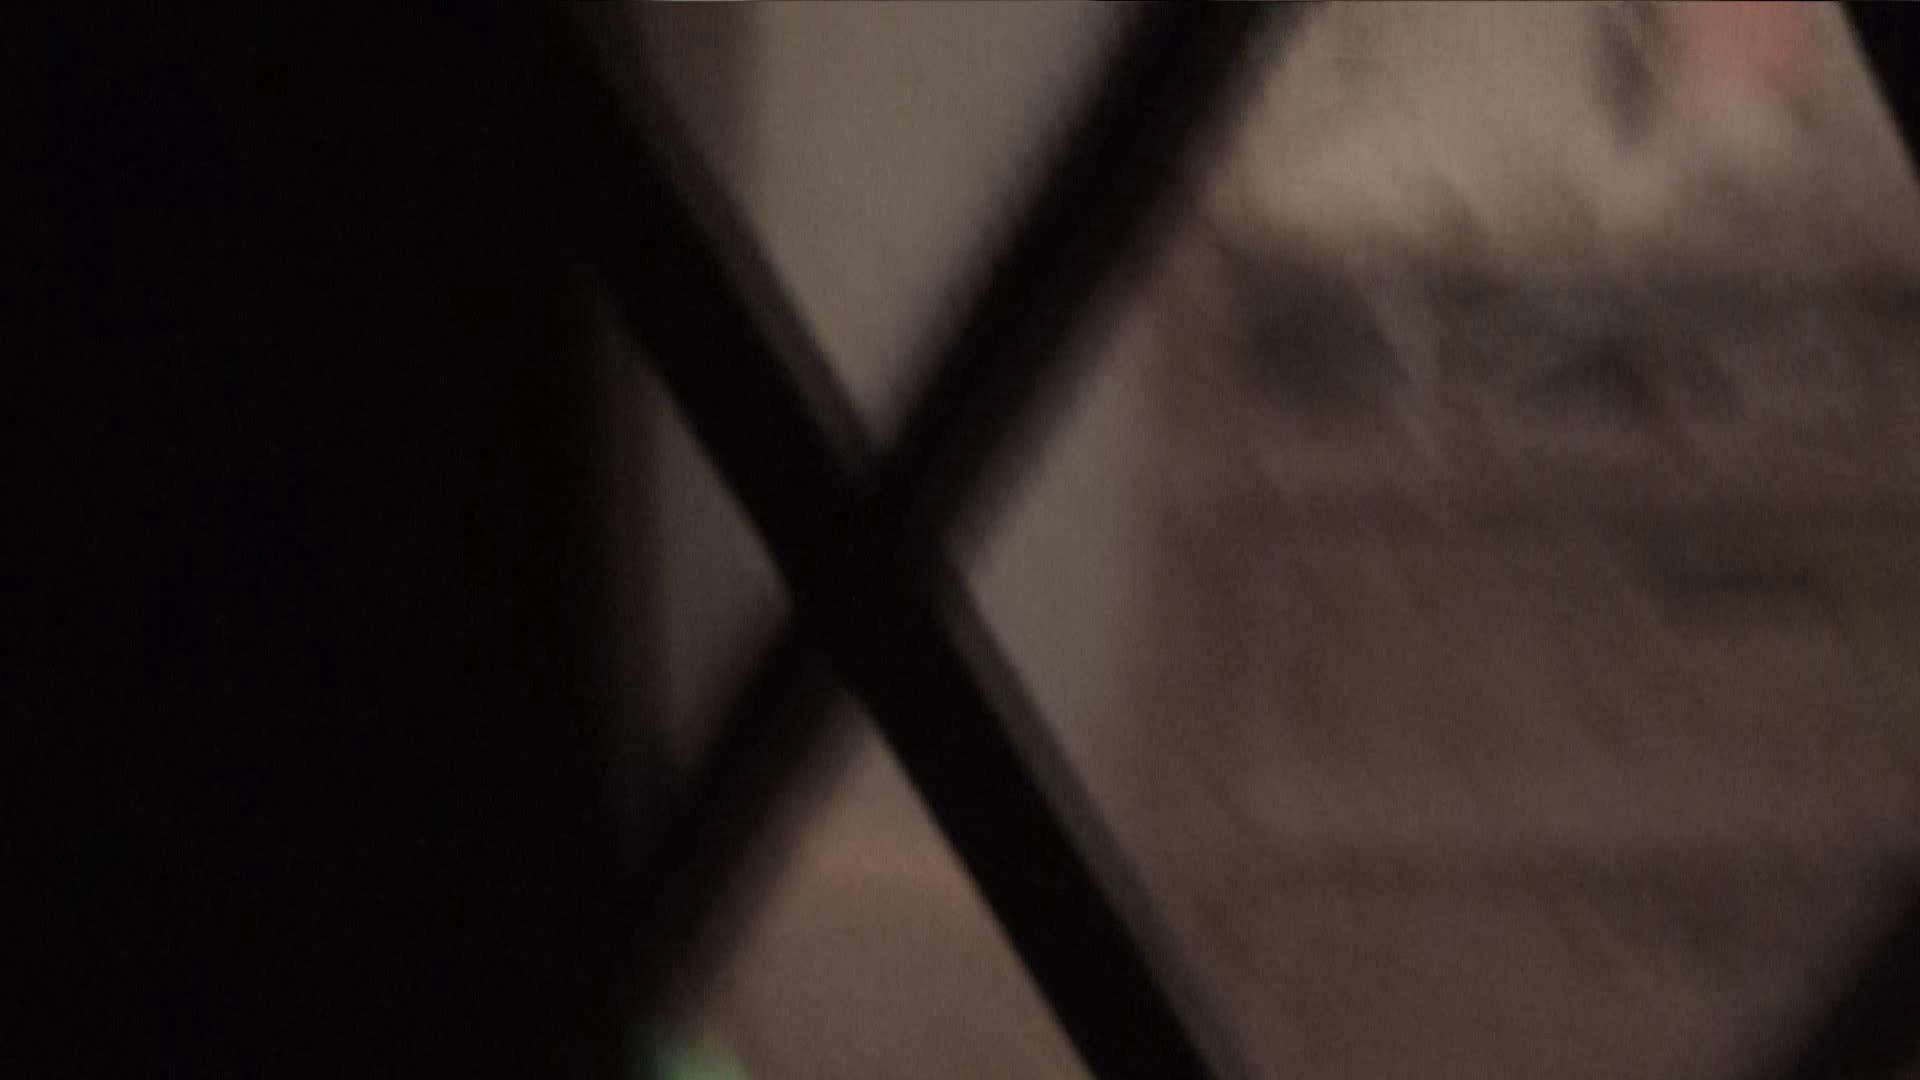 民家の騎士さんの最後の性戦ハイビジョン!!No.52 民家 オメコ無修正動画無料 93枚